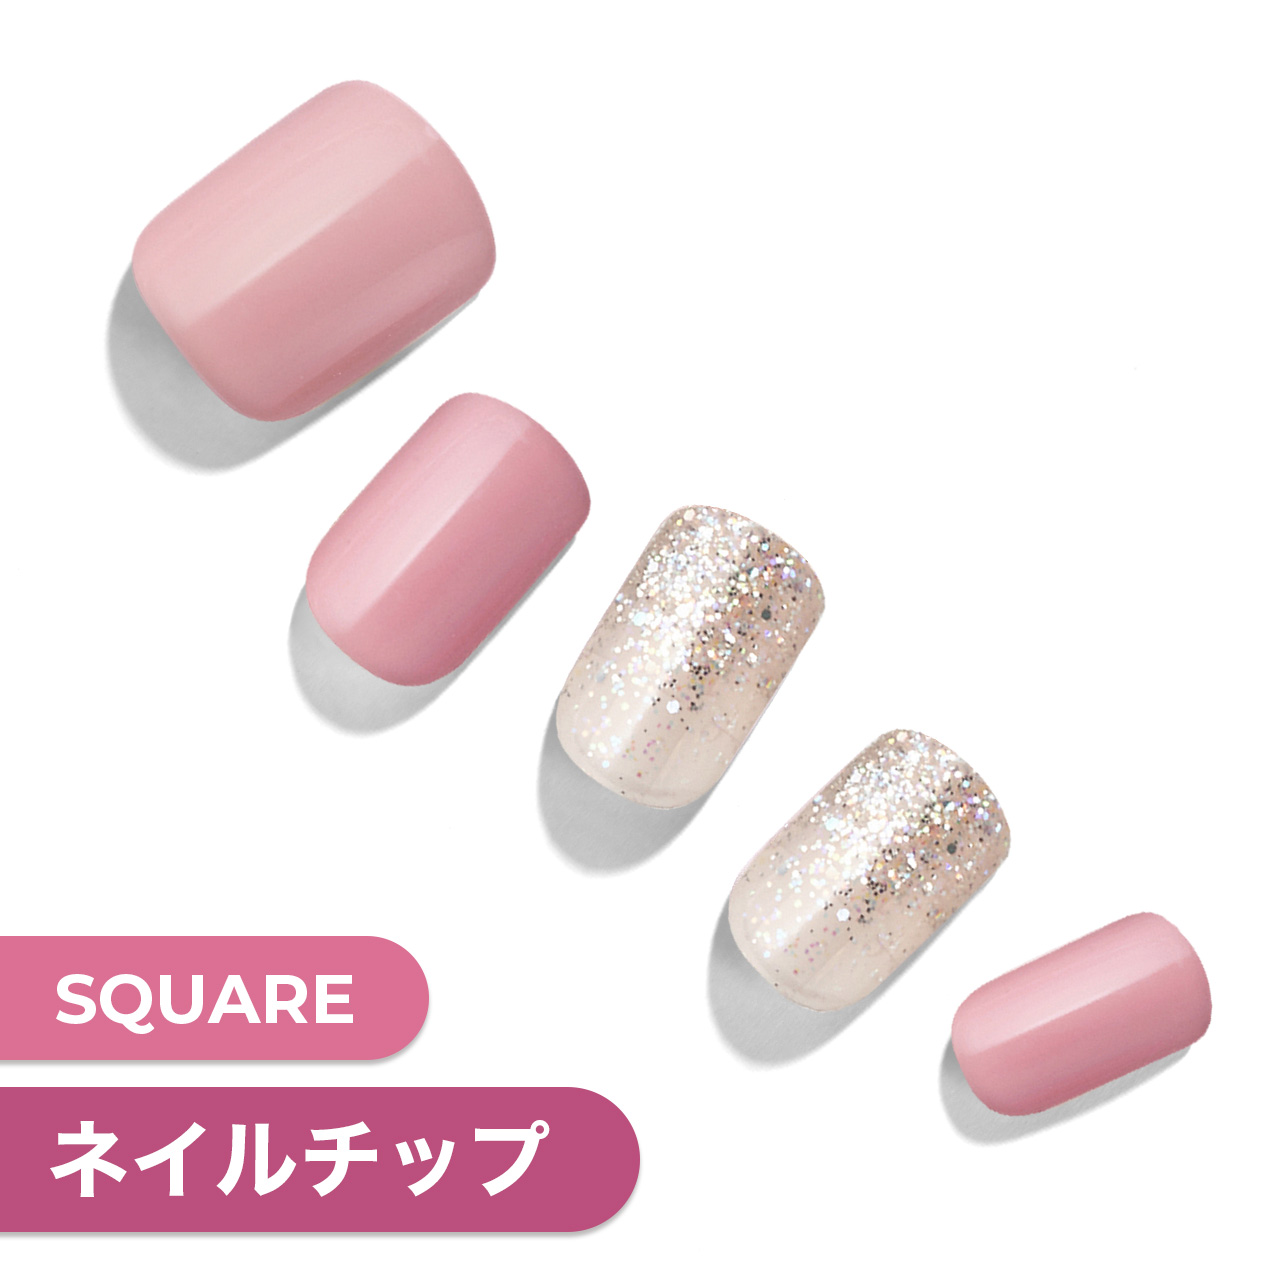 ダッシングディバマジックプレス【MDR018】Candy Powder